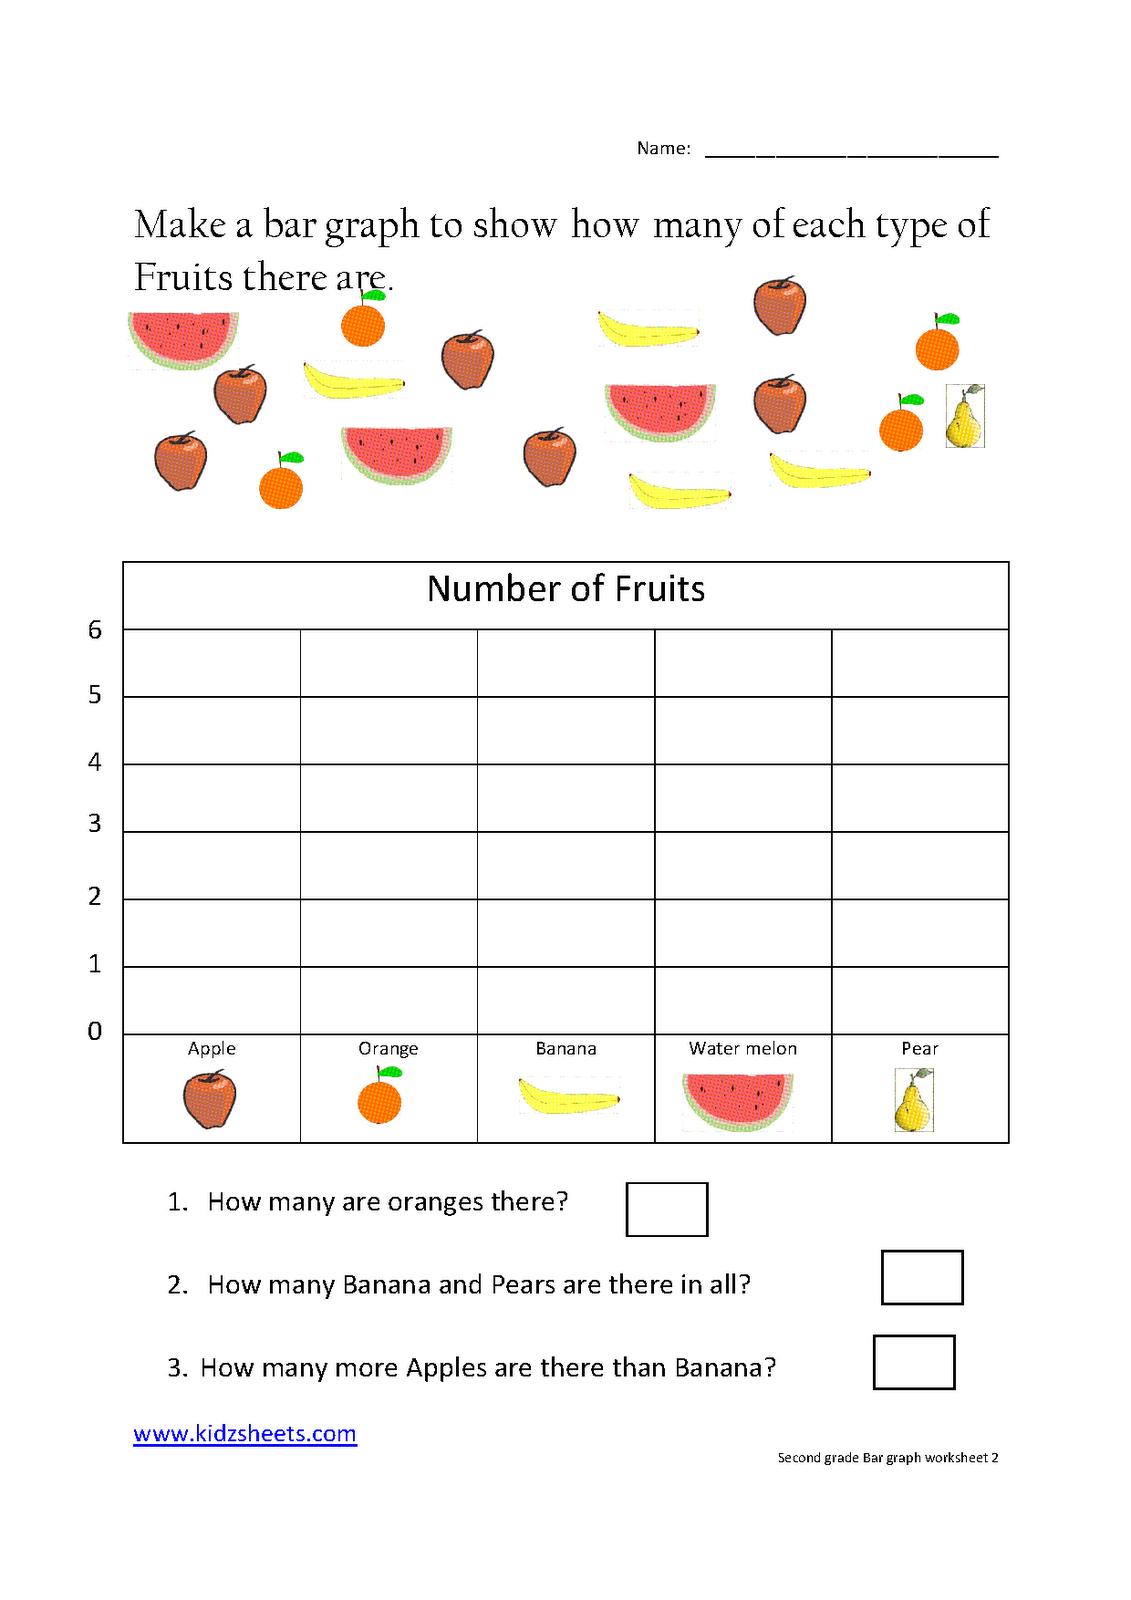 Second Grade Bar Graph Worksheet2